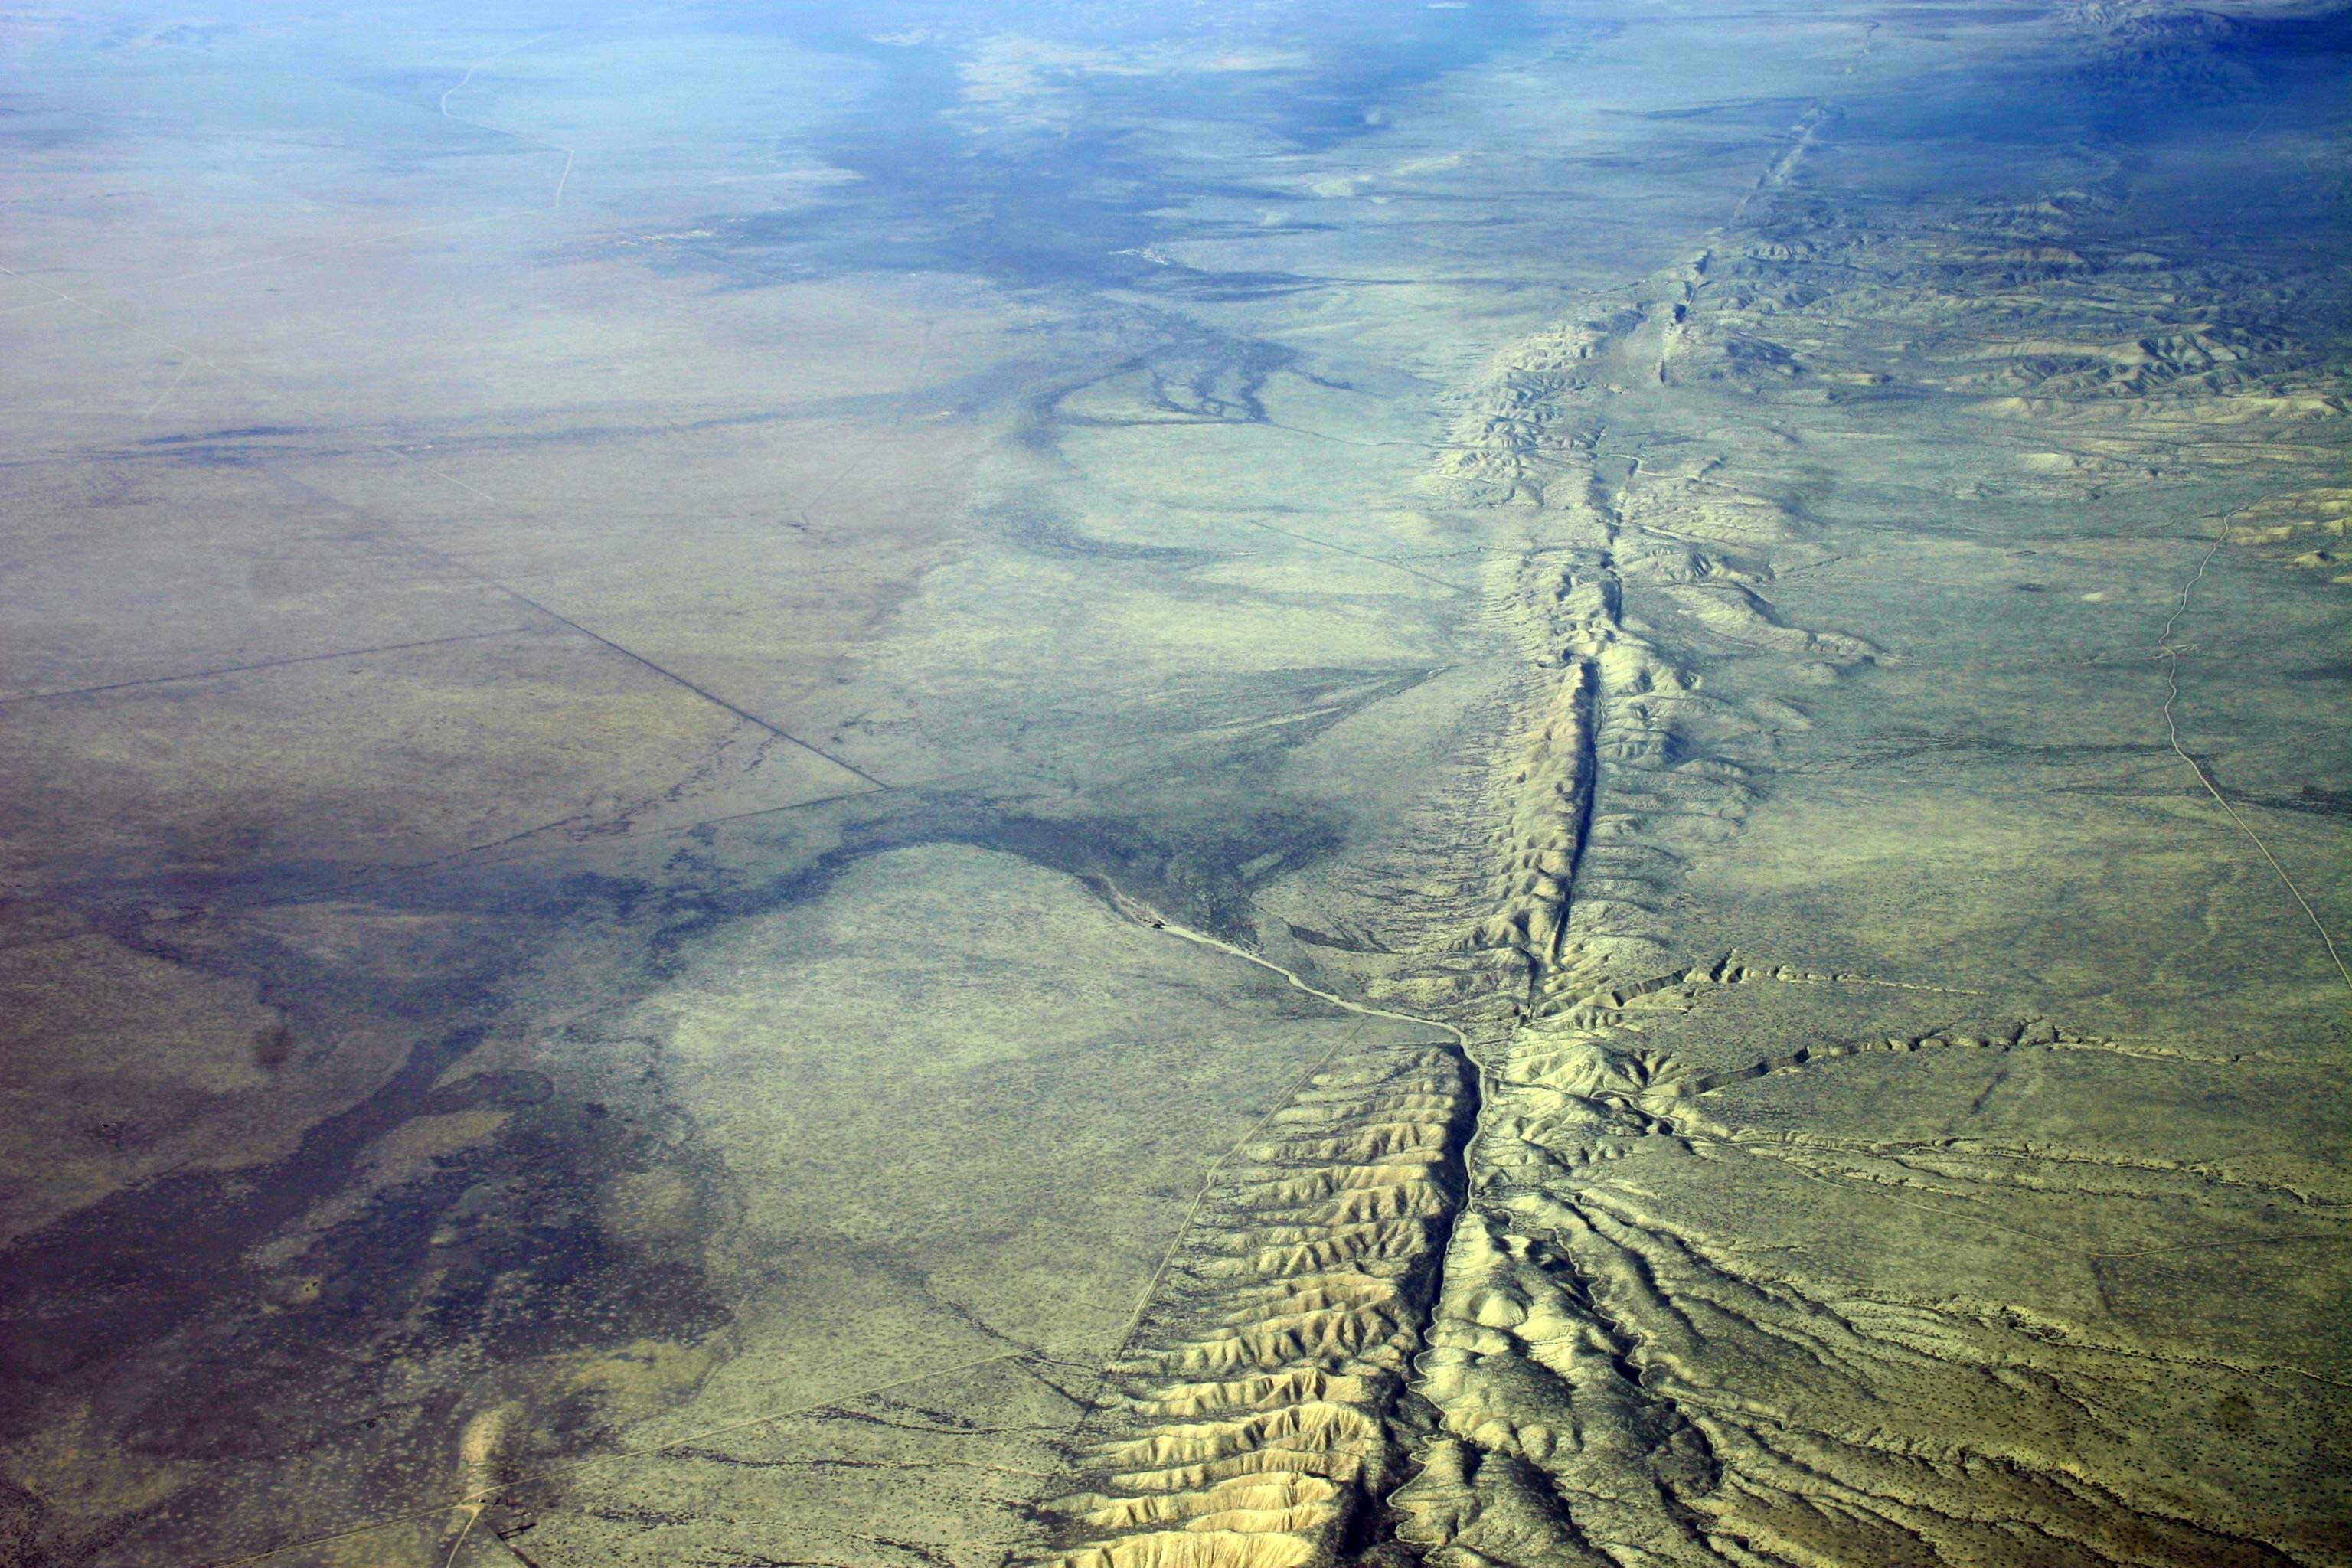 La falla de San Andrés recorre California de norte a sur a lo largo de 800 millas. (Foto: Wikimedia Commons)